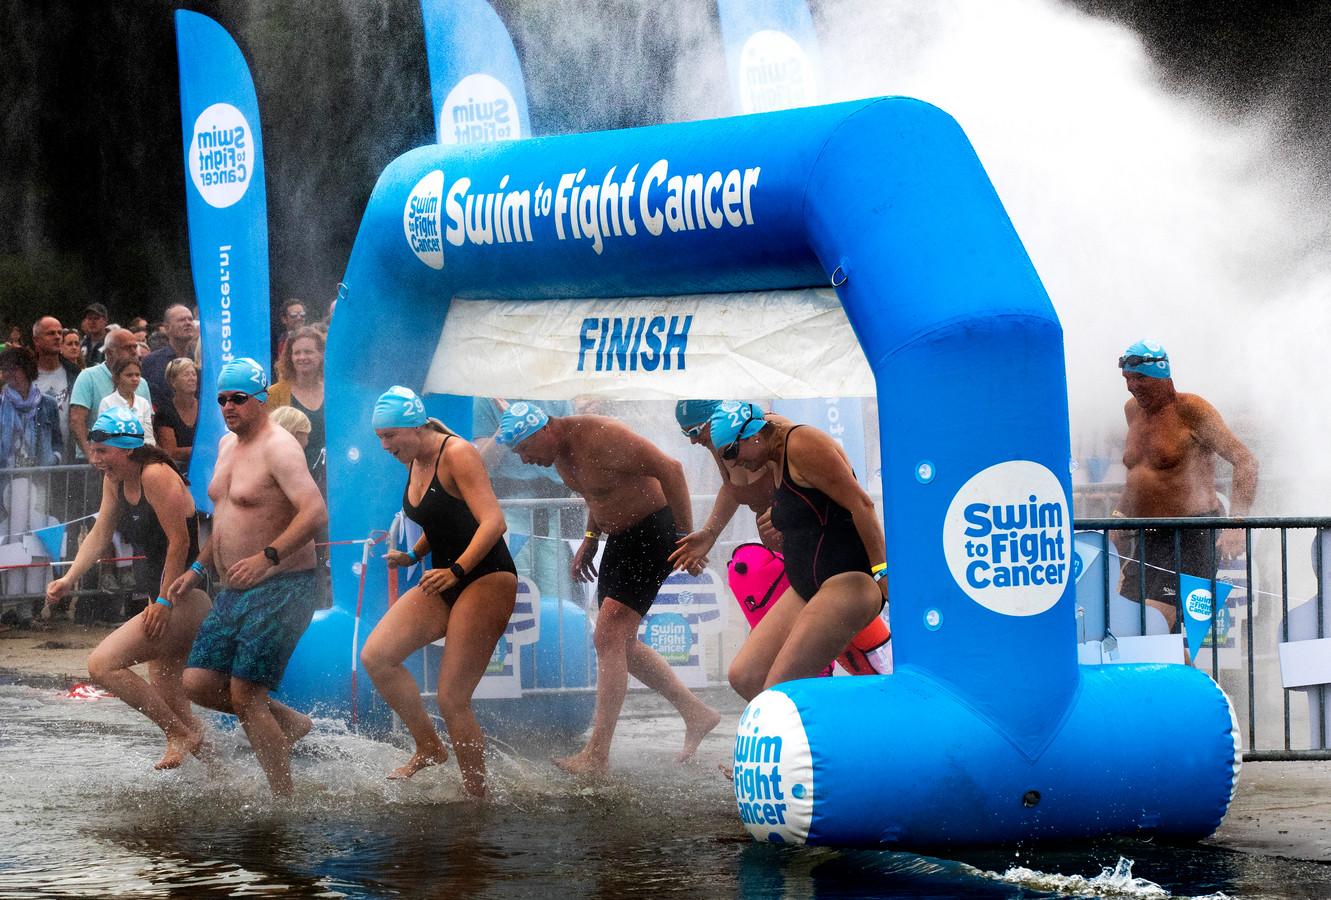 Deelnemers aan de zwemtocht klaar om te vertrekken voor Swim to Fight Cancer in Braamt. Foto: Theo Kock